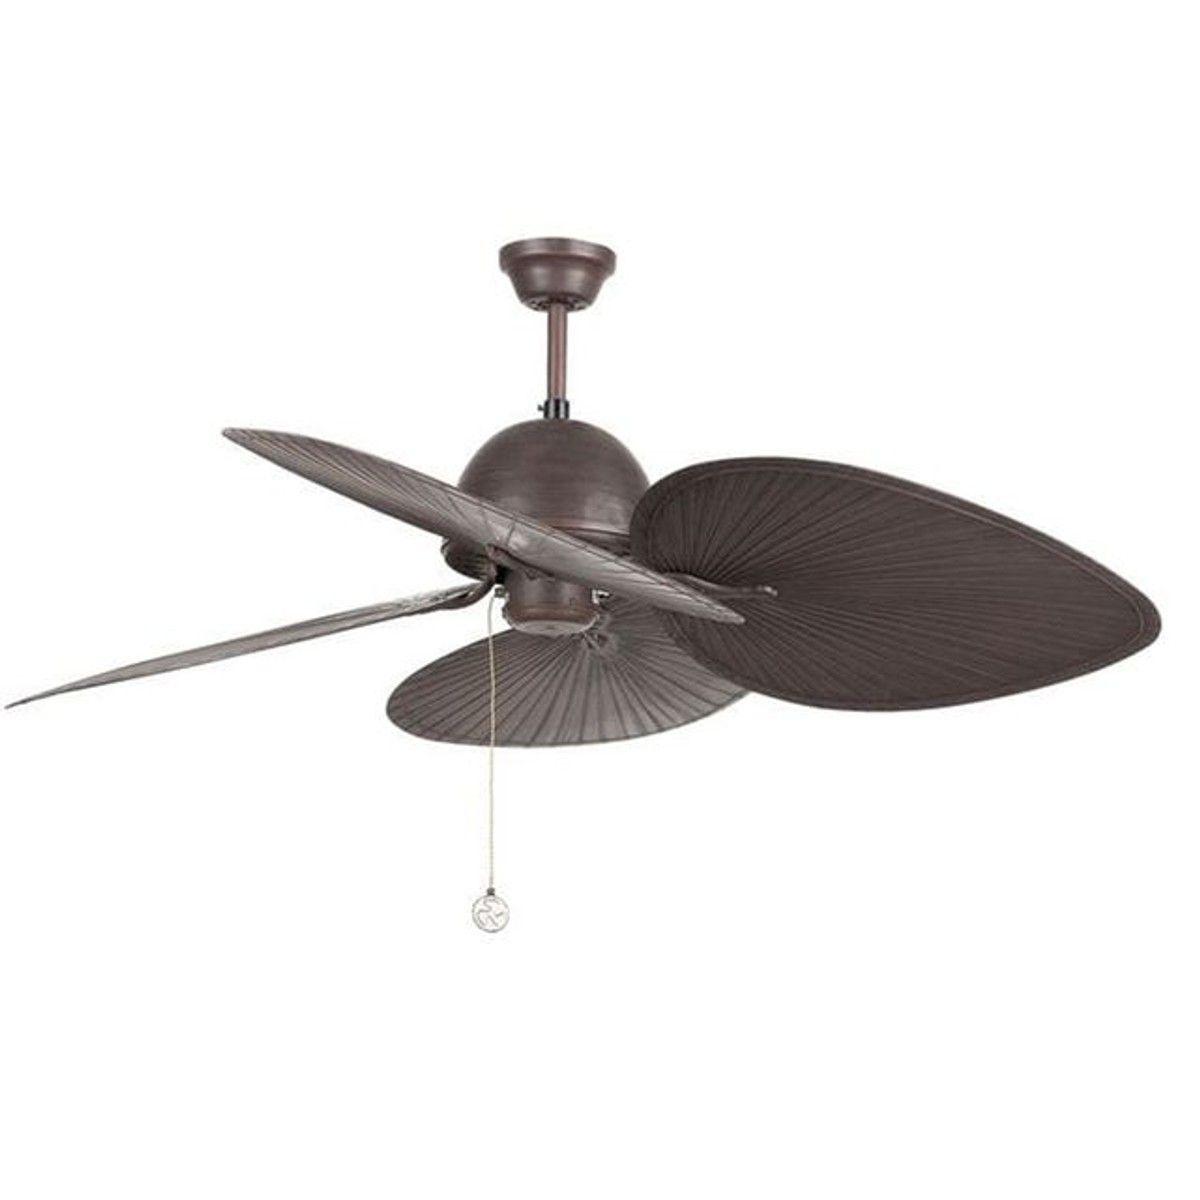 Ventilateur Faro Cuba 132cm Brun Wenge Taille Taille Unique Ventilateur Plafond Ventilateur Et Wenge